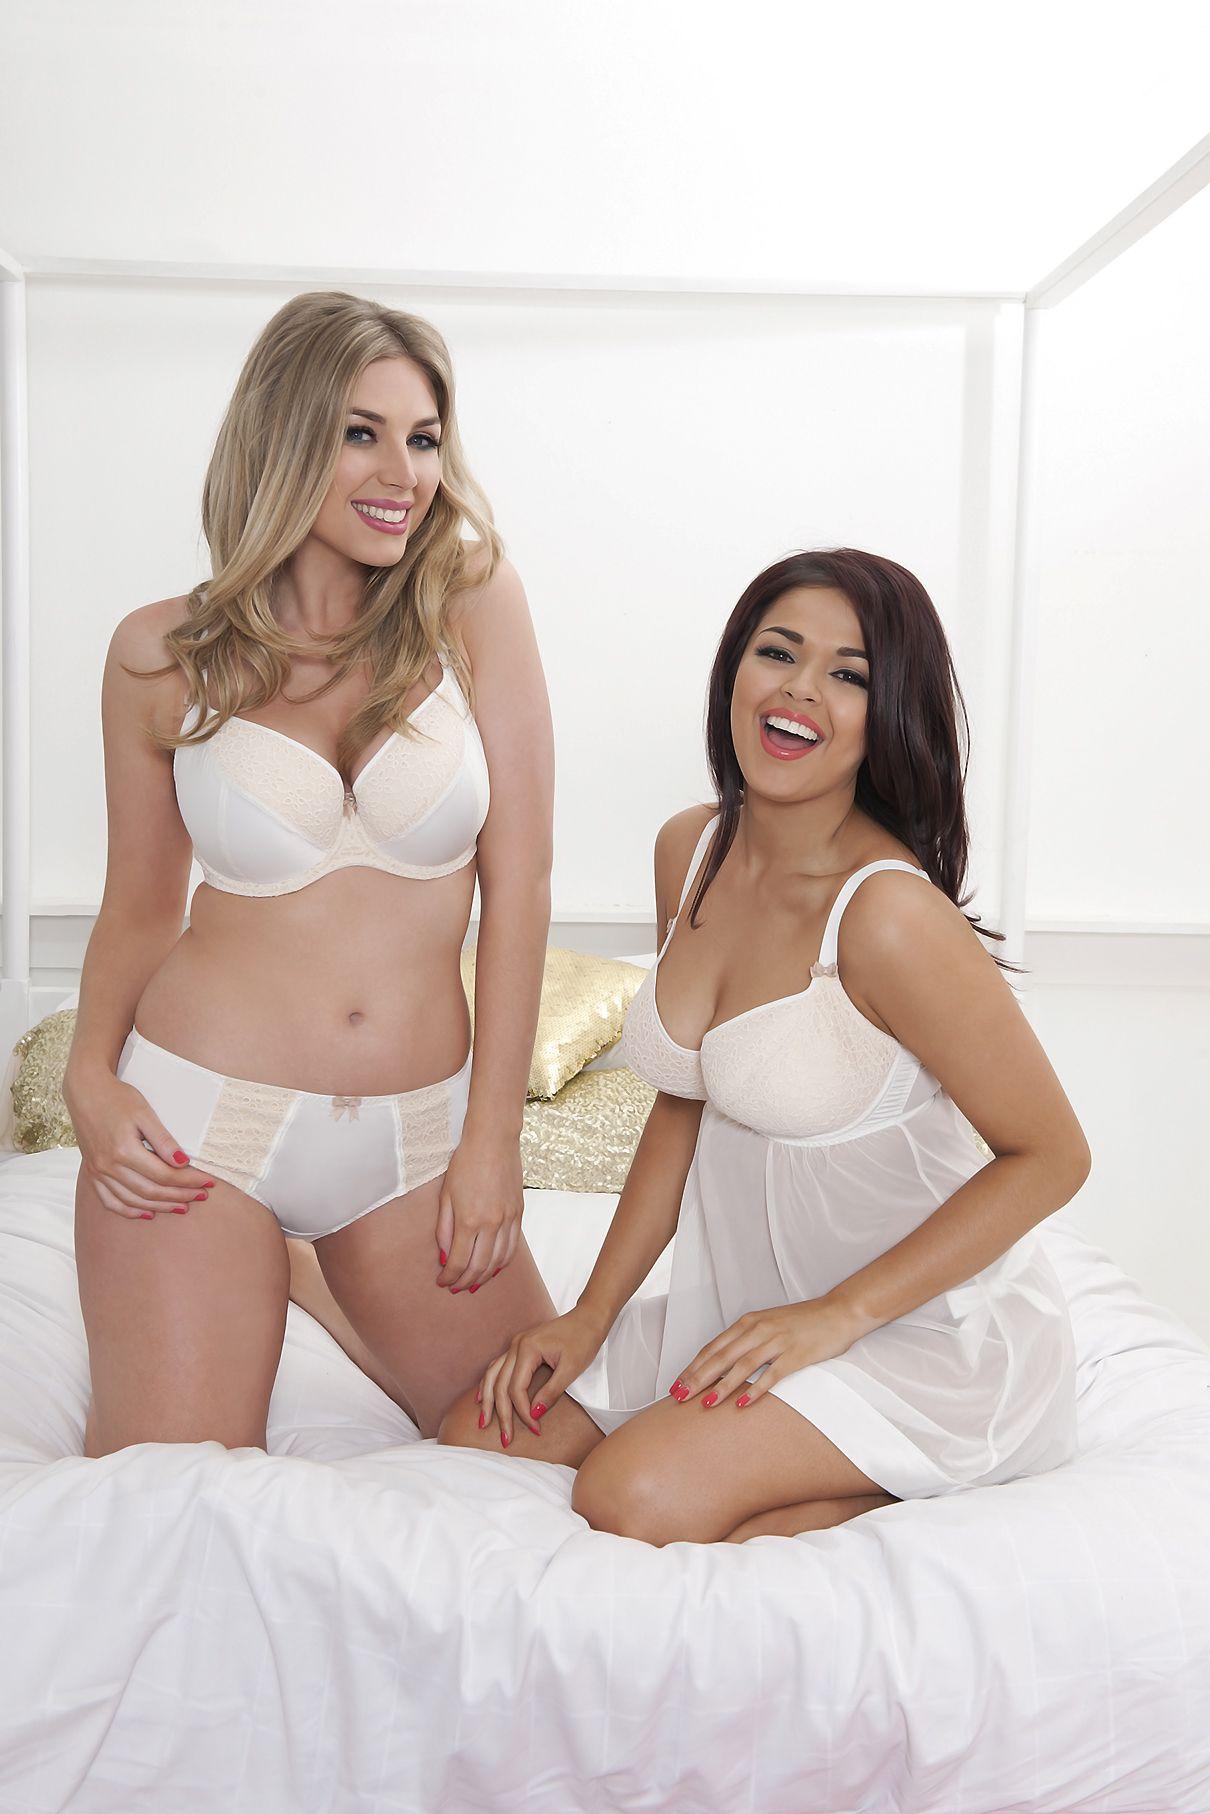 52fa88206b1275 Curvy Kate - Lola - ensemble lingerie et nuisette. Adaptée aux formes  généreuses. Bonnets D et + www.curvykate.com